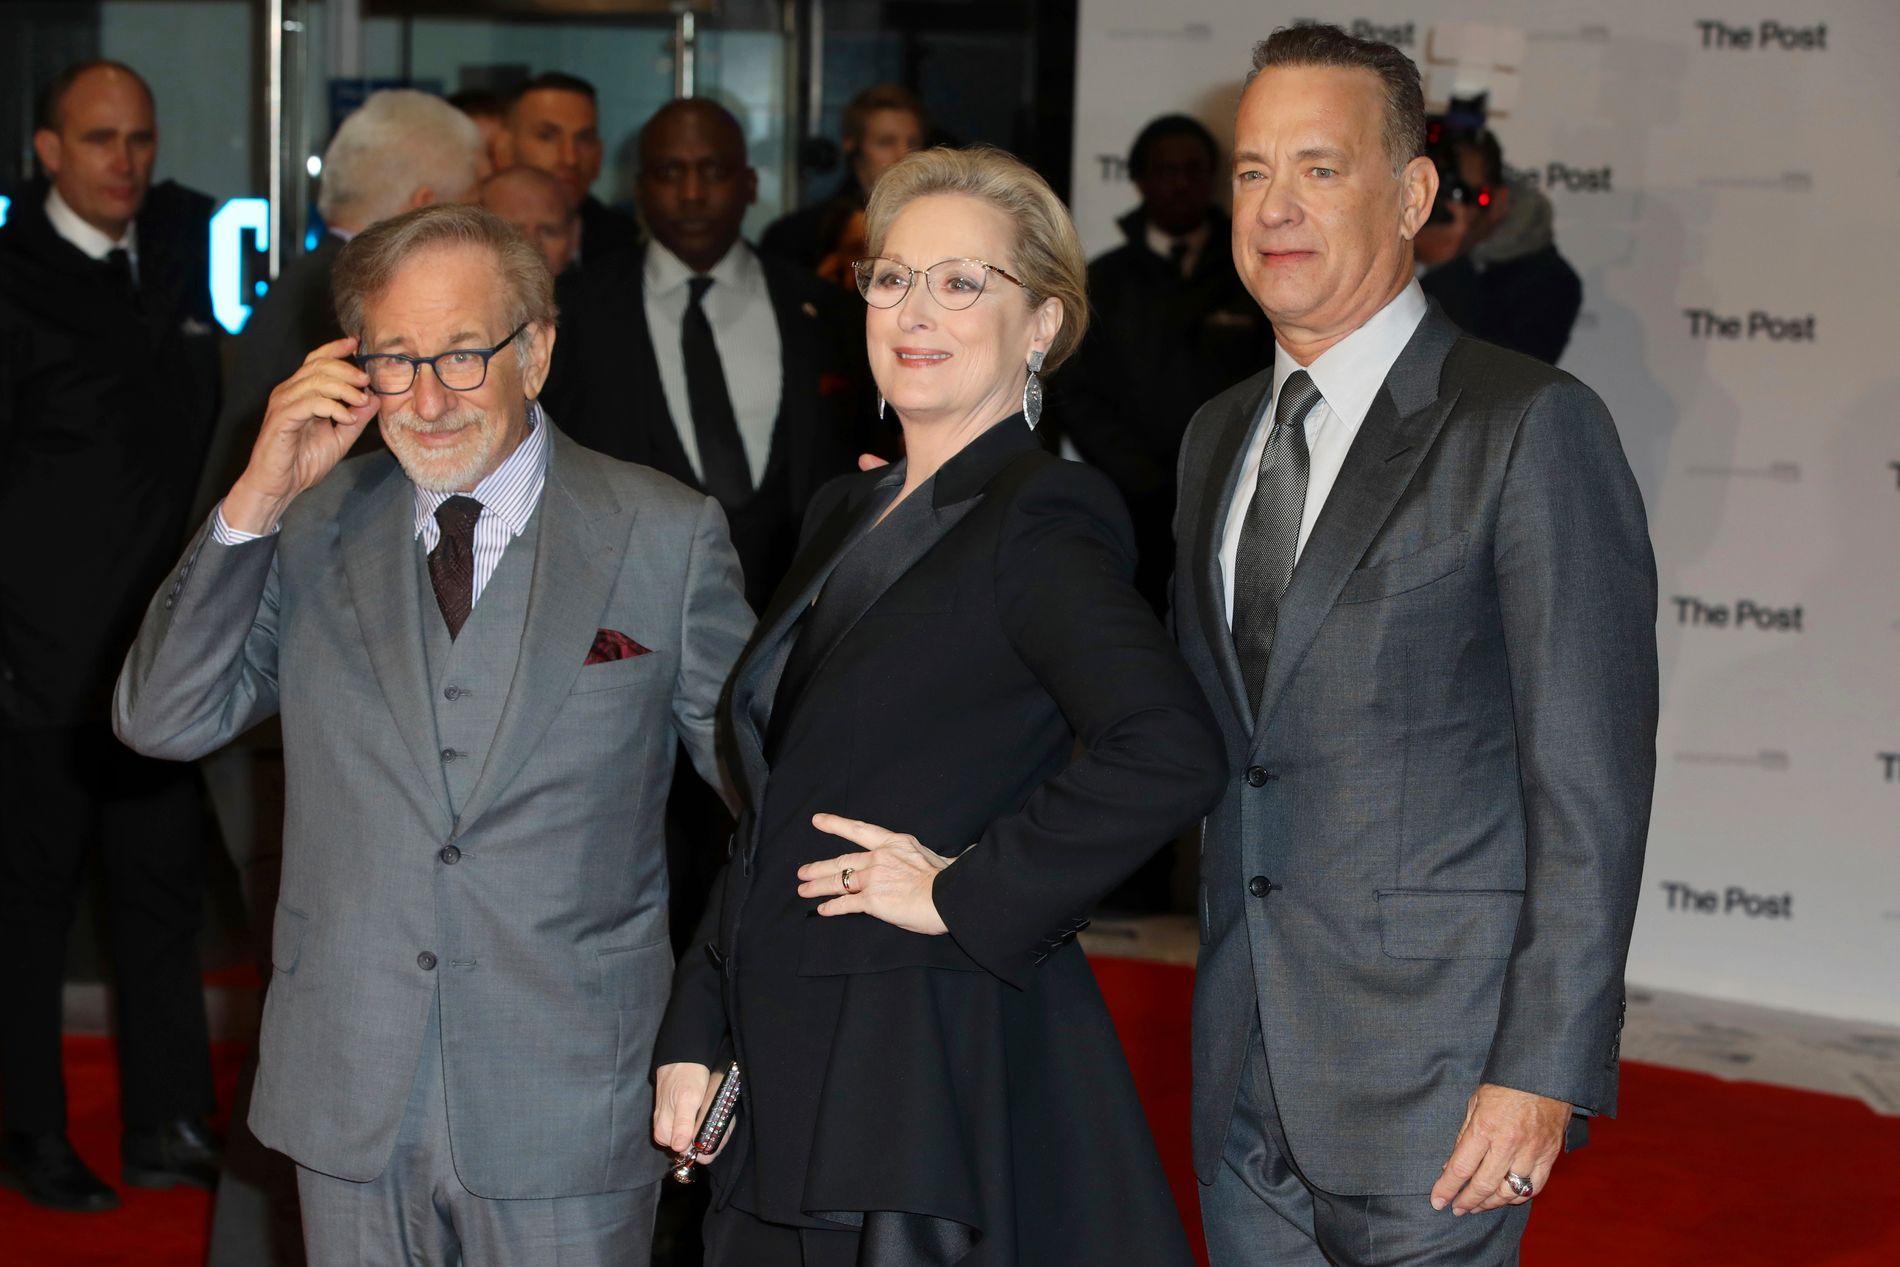 STJERNELAG: Steven Spielberg, Meryl Streep og Tom Hanks under lanseringen av «The Post» i London torsdag.